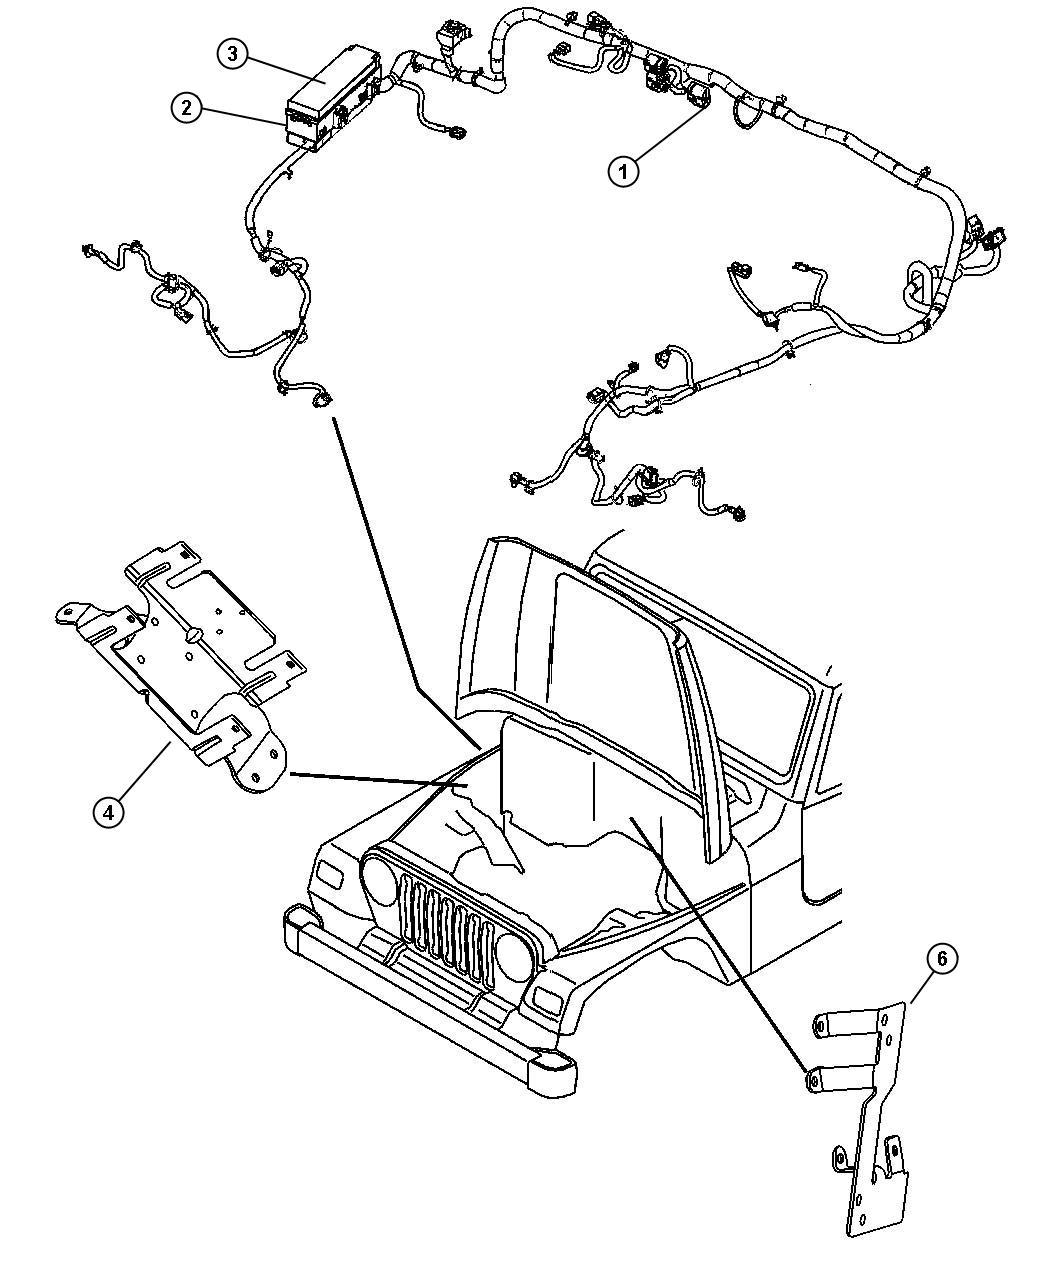 jeep commander bracket wiring harness side cowl. Black Bedroom Furniture Sets. Home Design Ideas